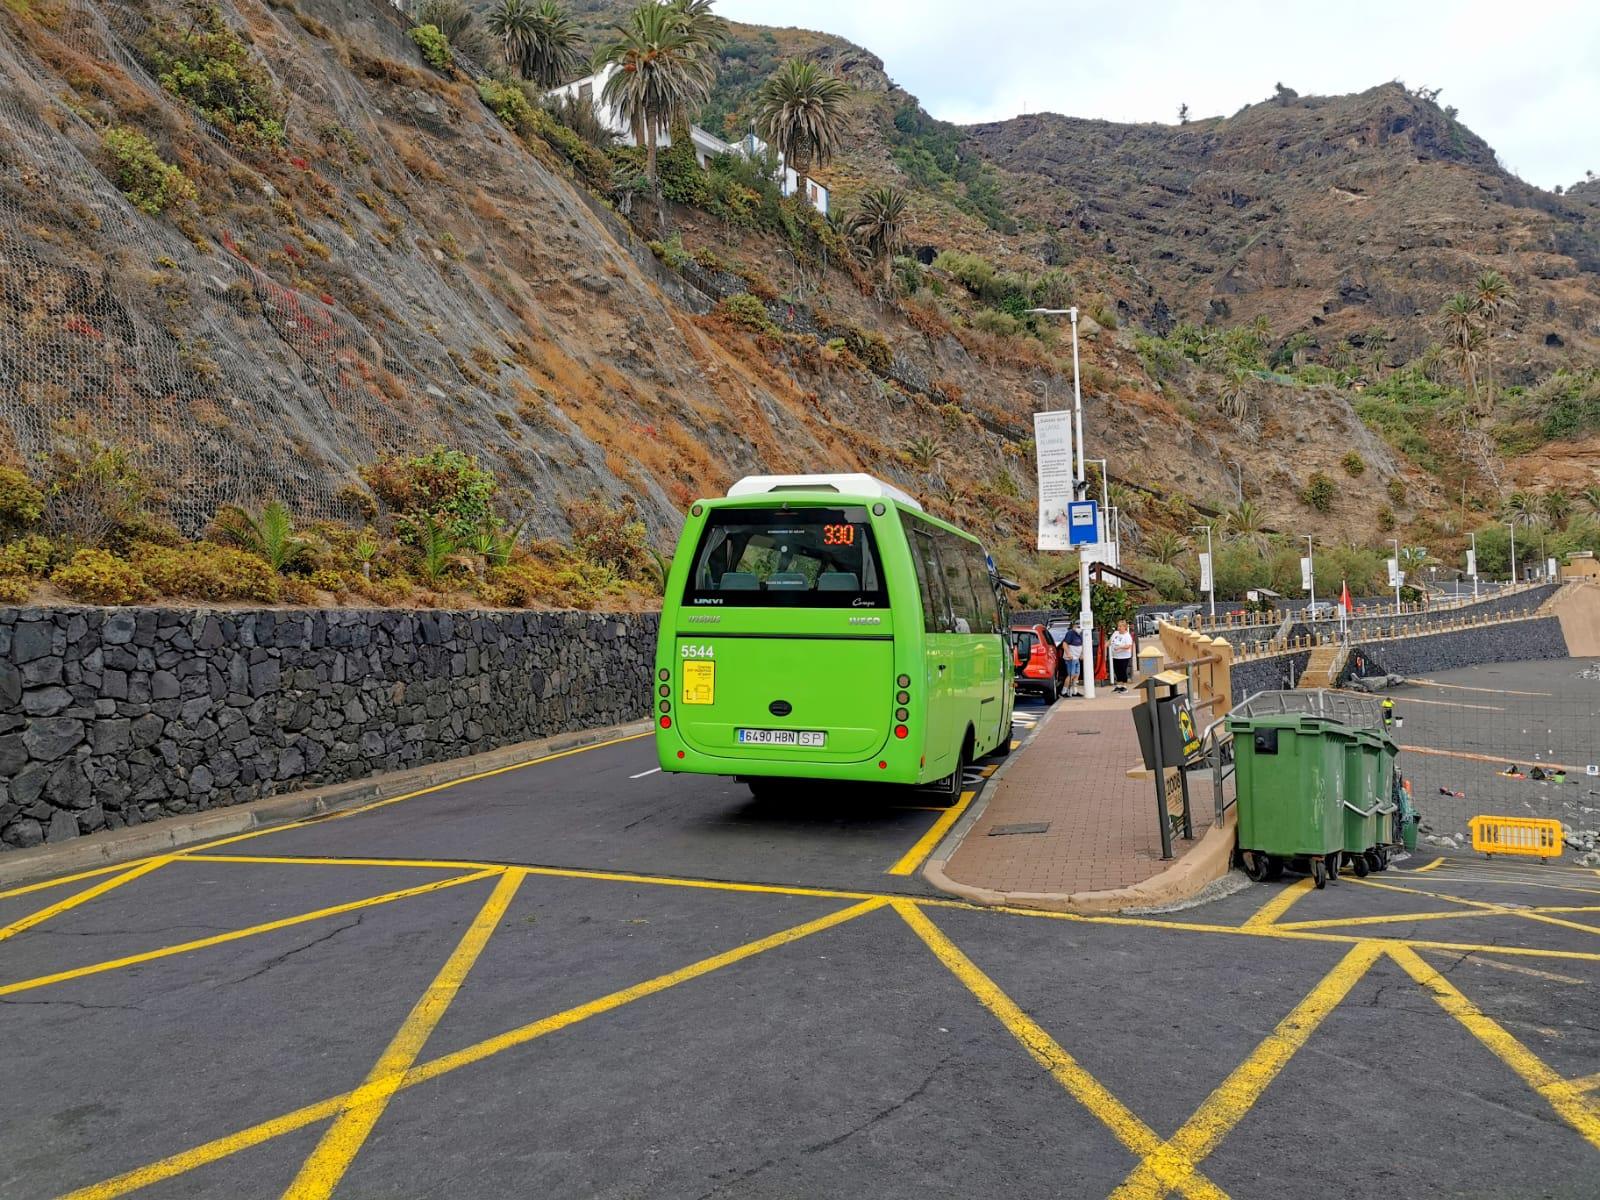 Primer viaje de la guagua 330 a la playa de El Socorro en Los Realejos (Tenerife) / CanariasNoticias.es